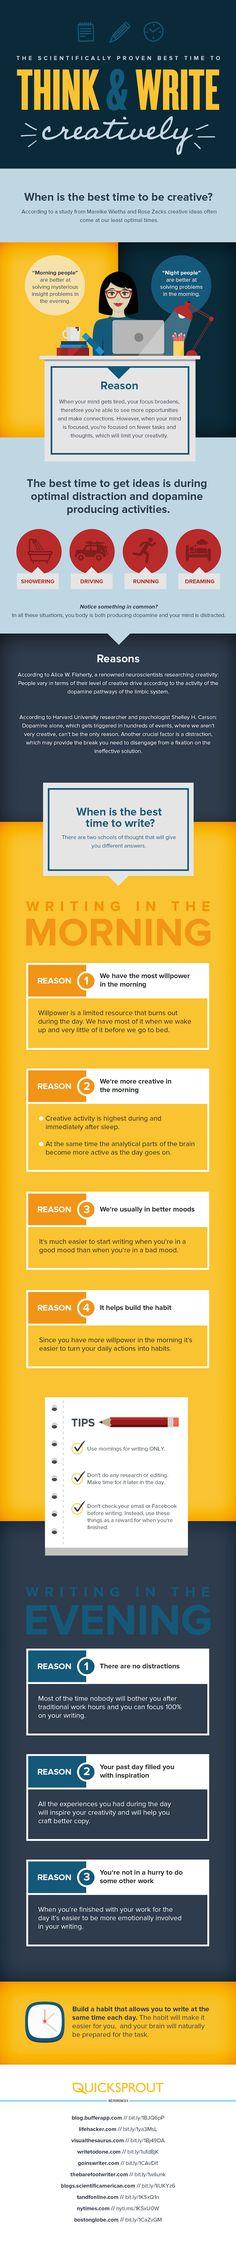 Infográfico | Qual o melhor horário para ser criativo?